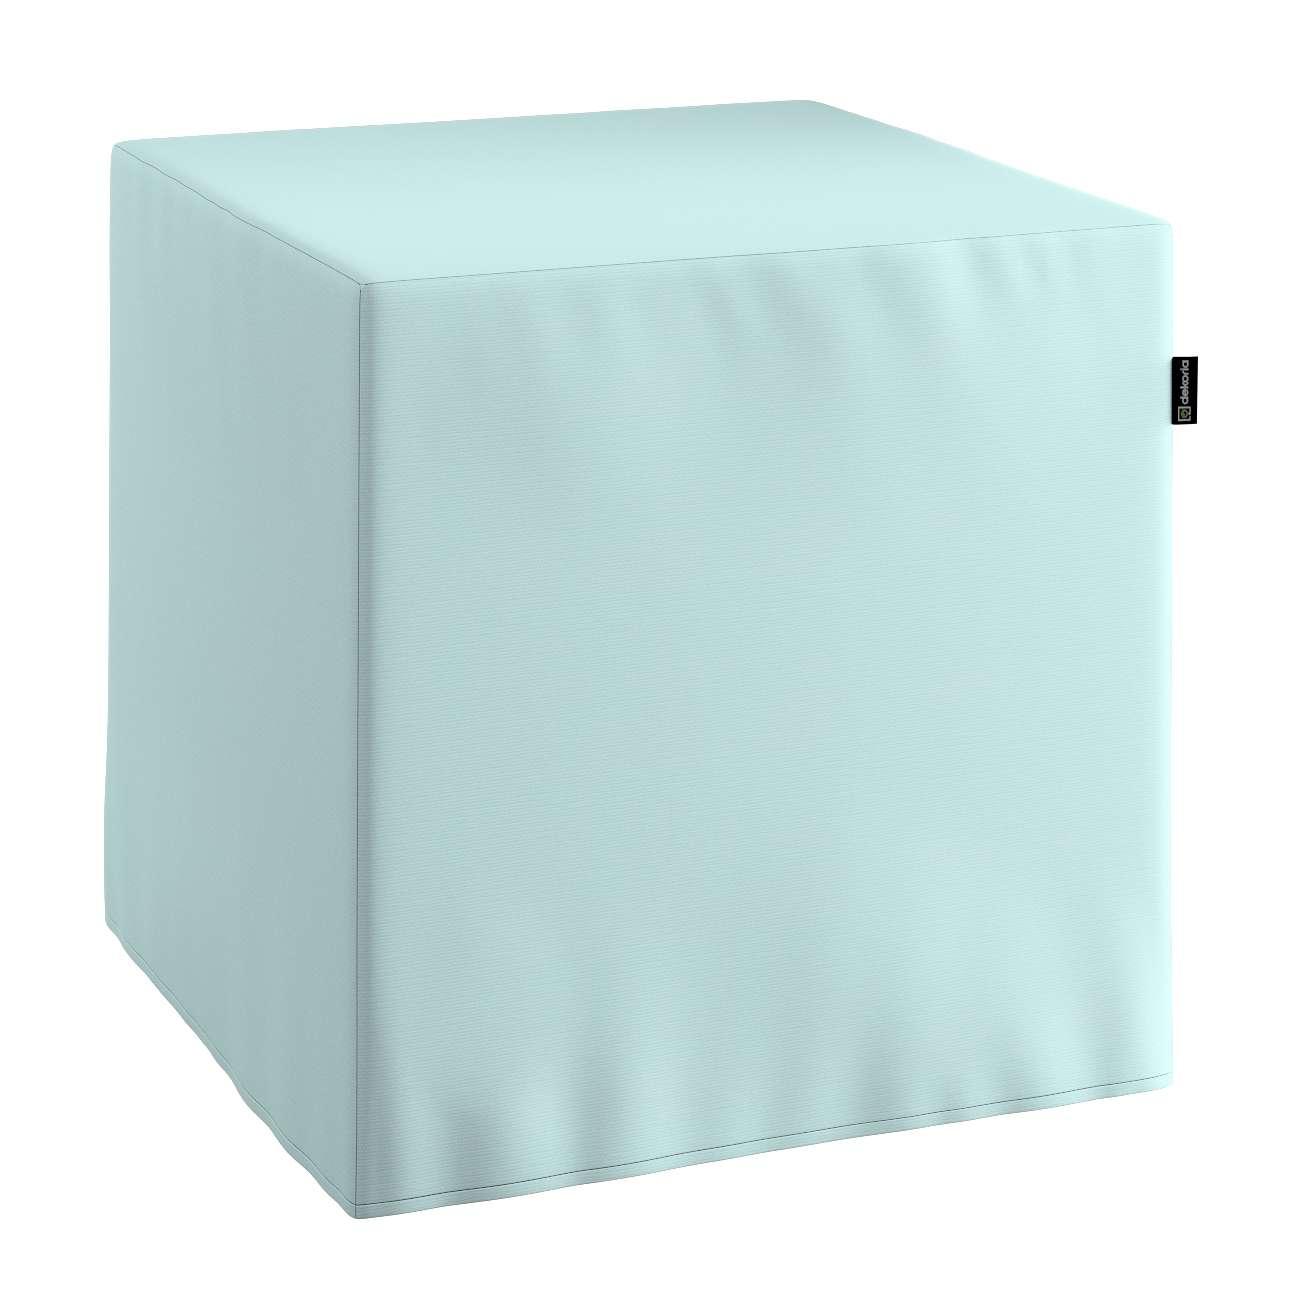 Bezug für Sitzwürfel Bezug für Sitzwürfel 40x40x40 cm von der Kollektion Cotton Panama, Stoff: 702-10